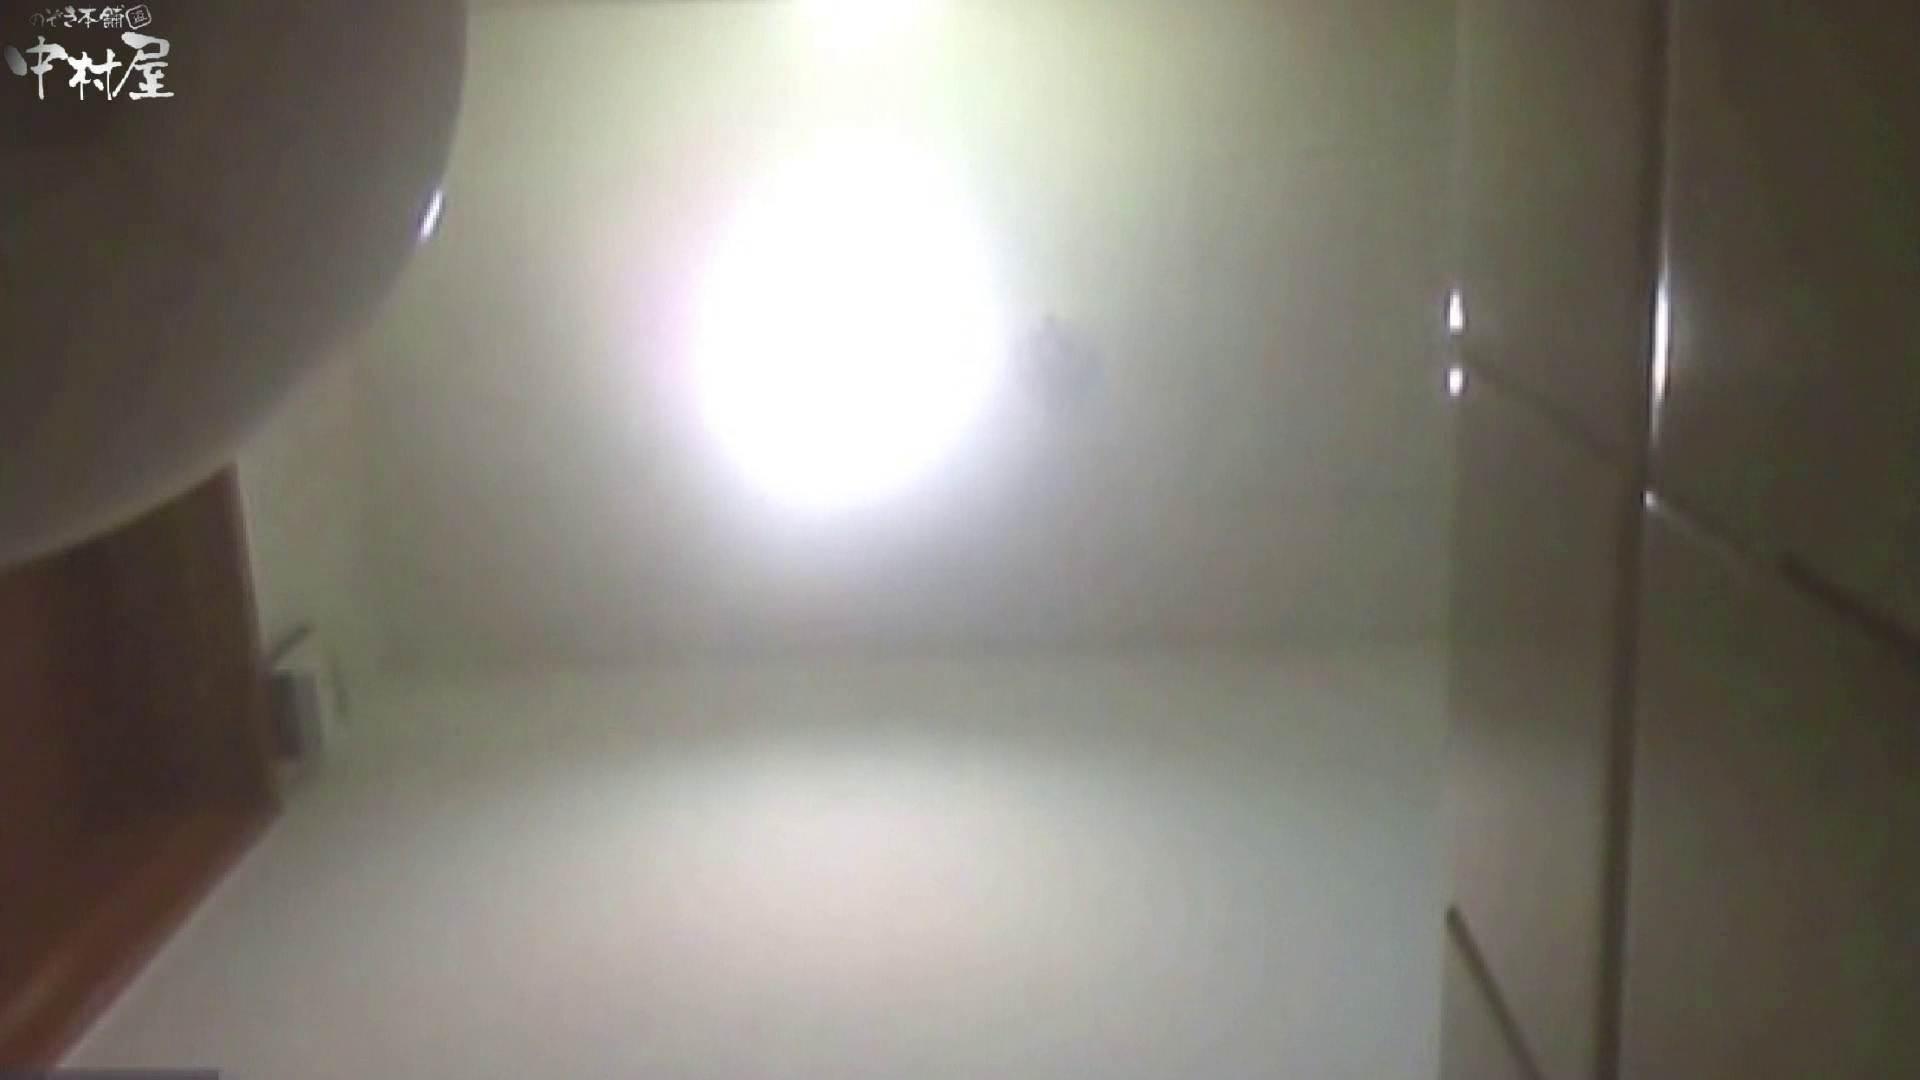 解禁!海の家4カメ洗面所vol.16 ギャルのエロ動画  98PIX 63